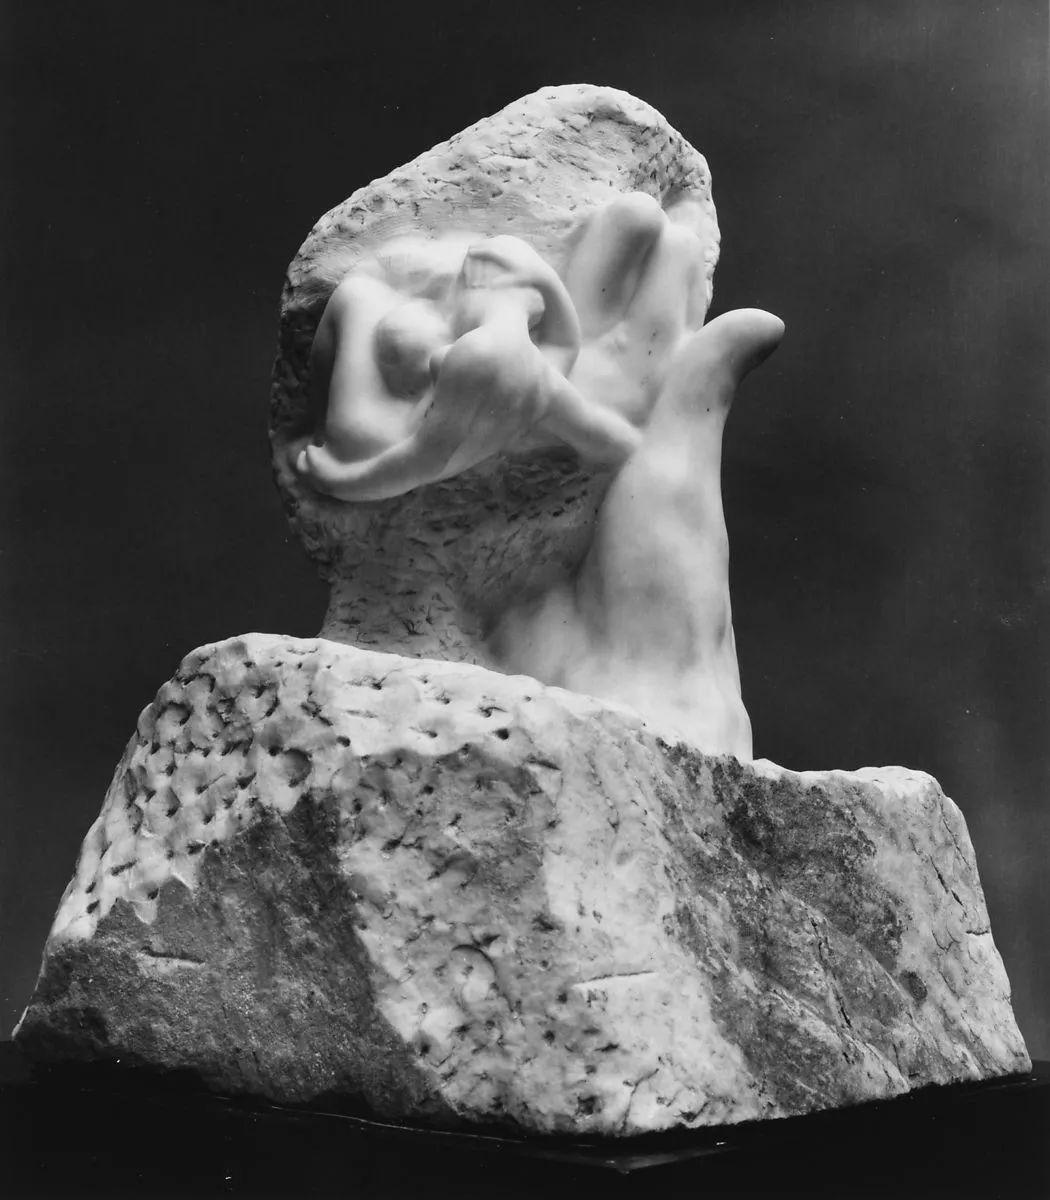 爱上渣男毁一生?!  这位比毕加索还渣的大师,堪称艺术圈渣男之王!插图191